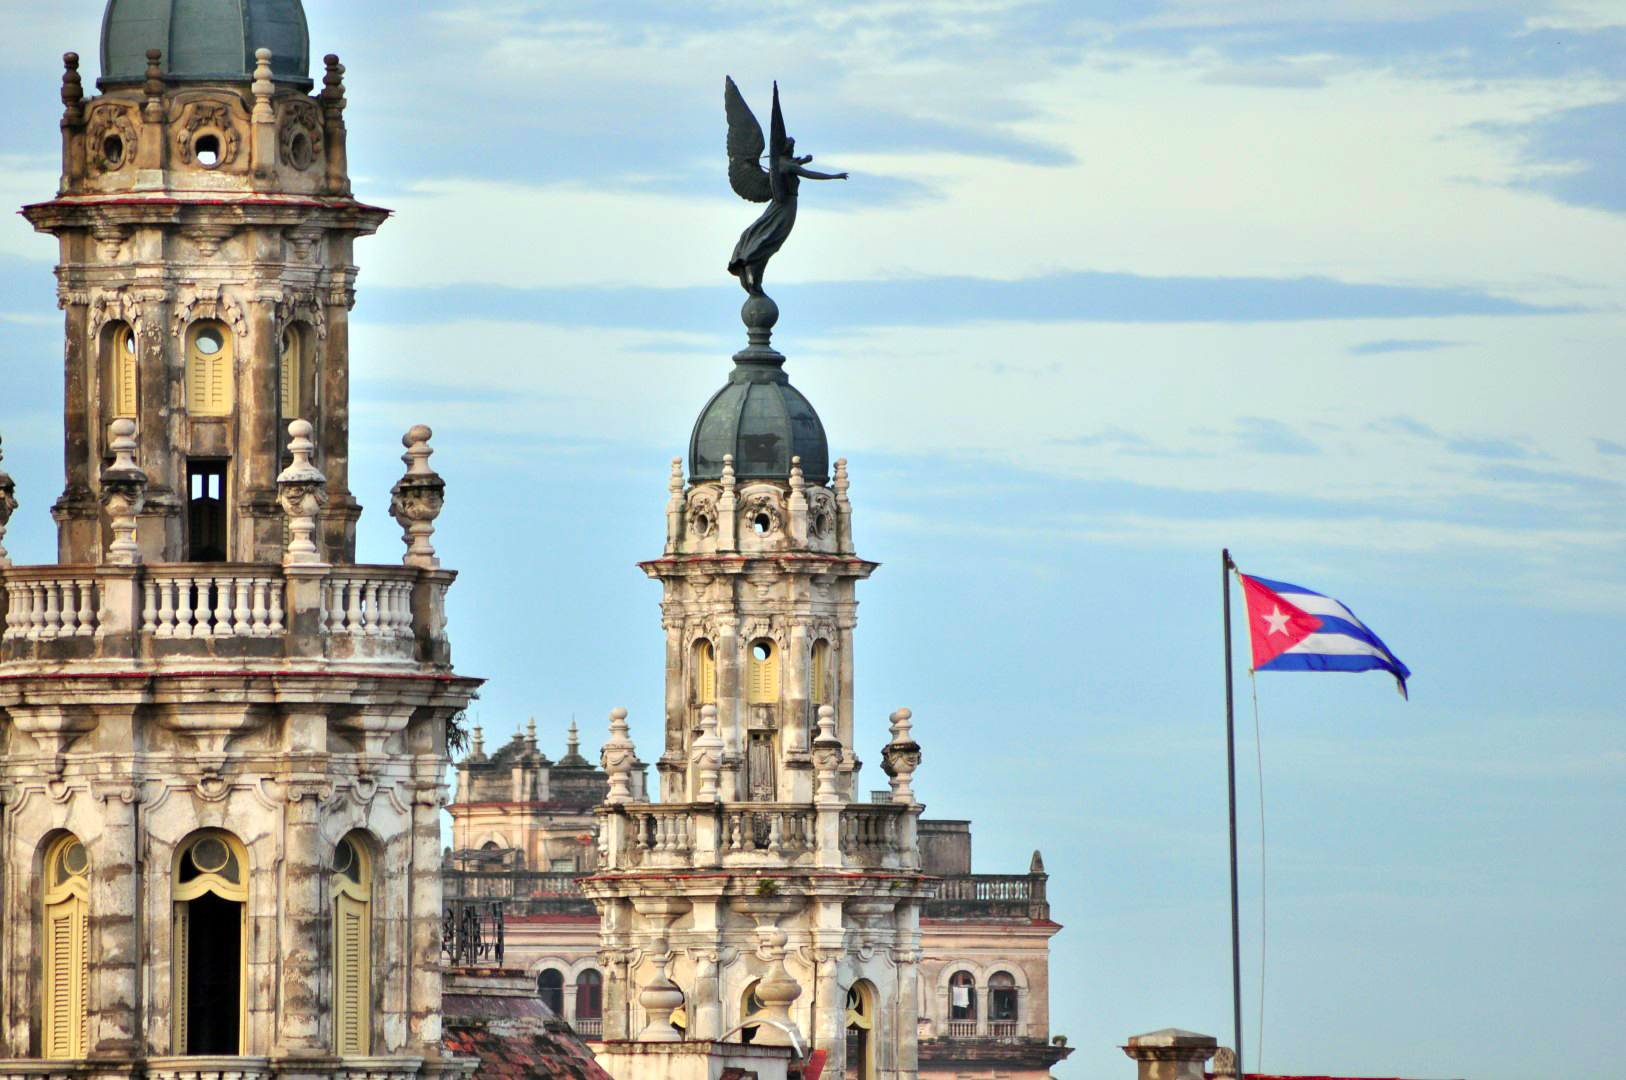 Qué ver en La Habana, Cuba qué ver en la habana, cuba - 30458835394 105c33baac o - Qué ver en La Habana, Cuba